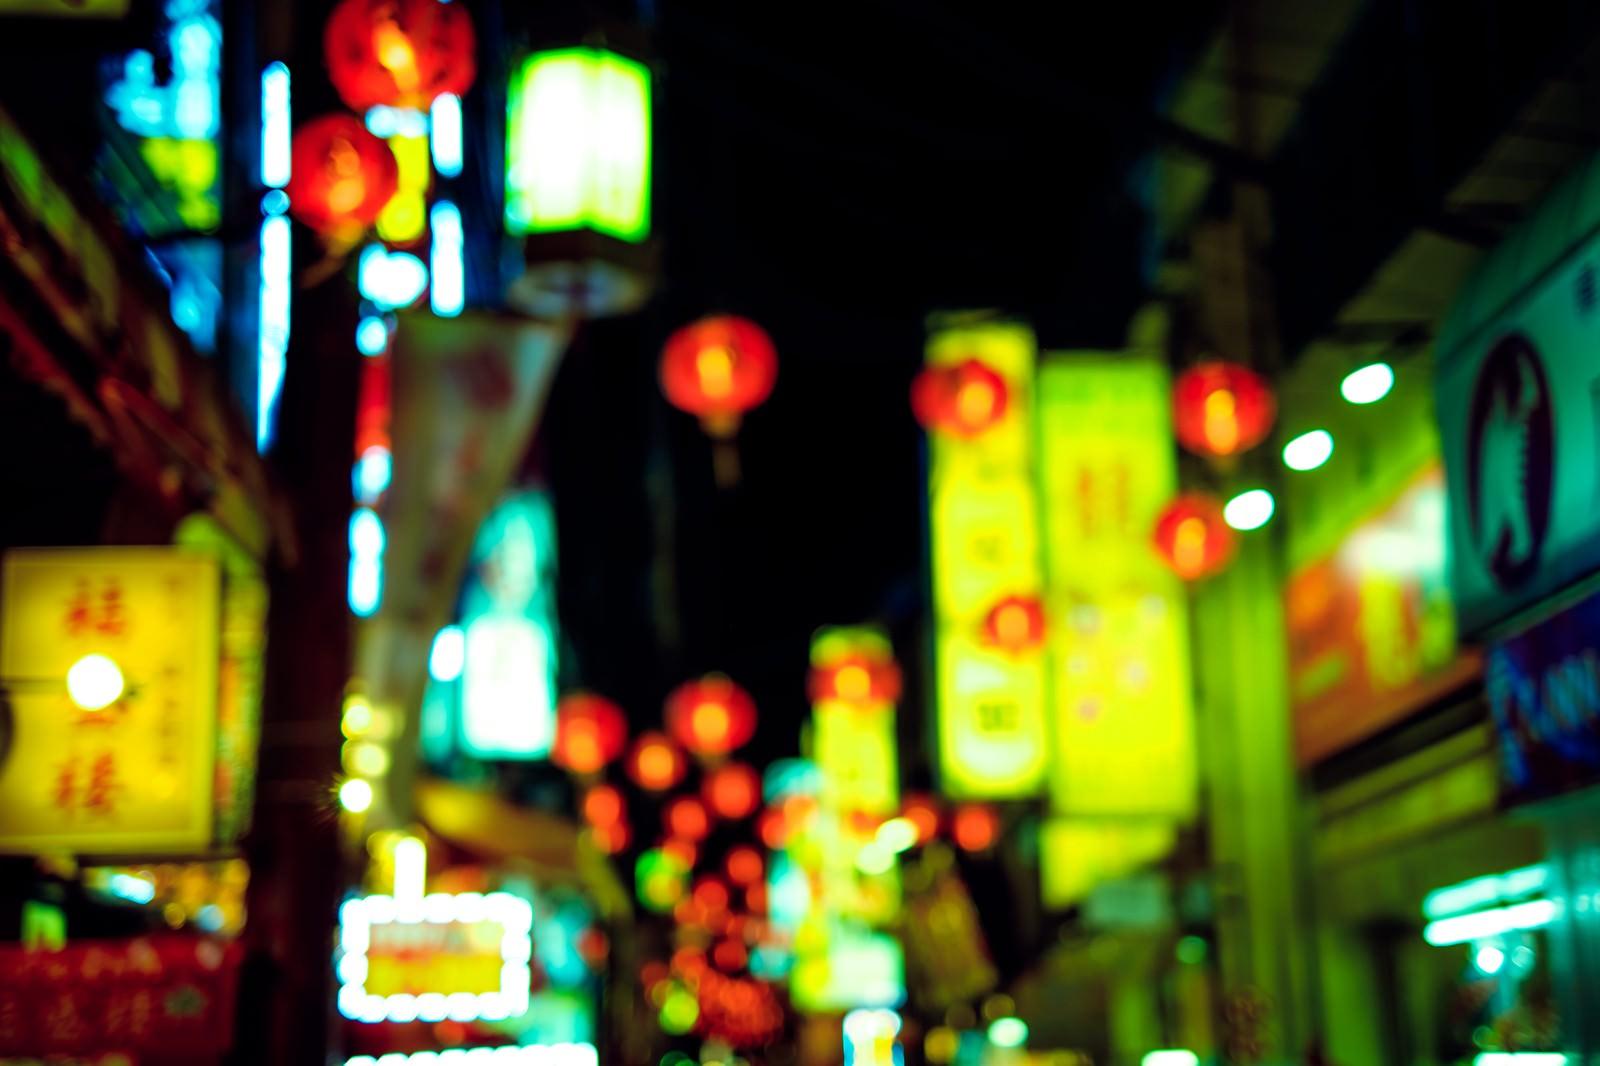 「夜の繁華街の看板 | 写真の無料素材・フリー素材 - ぱくたそ」の写真